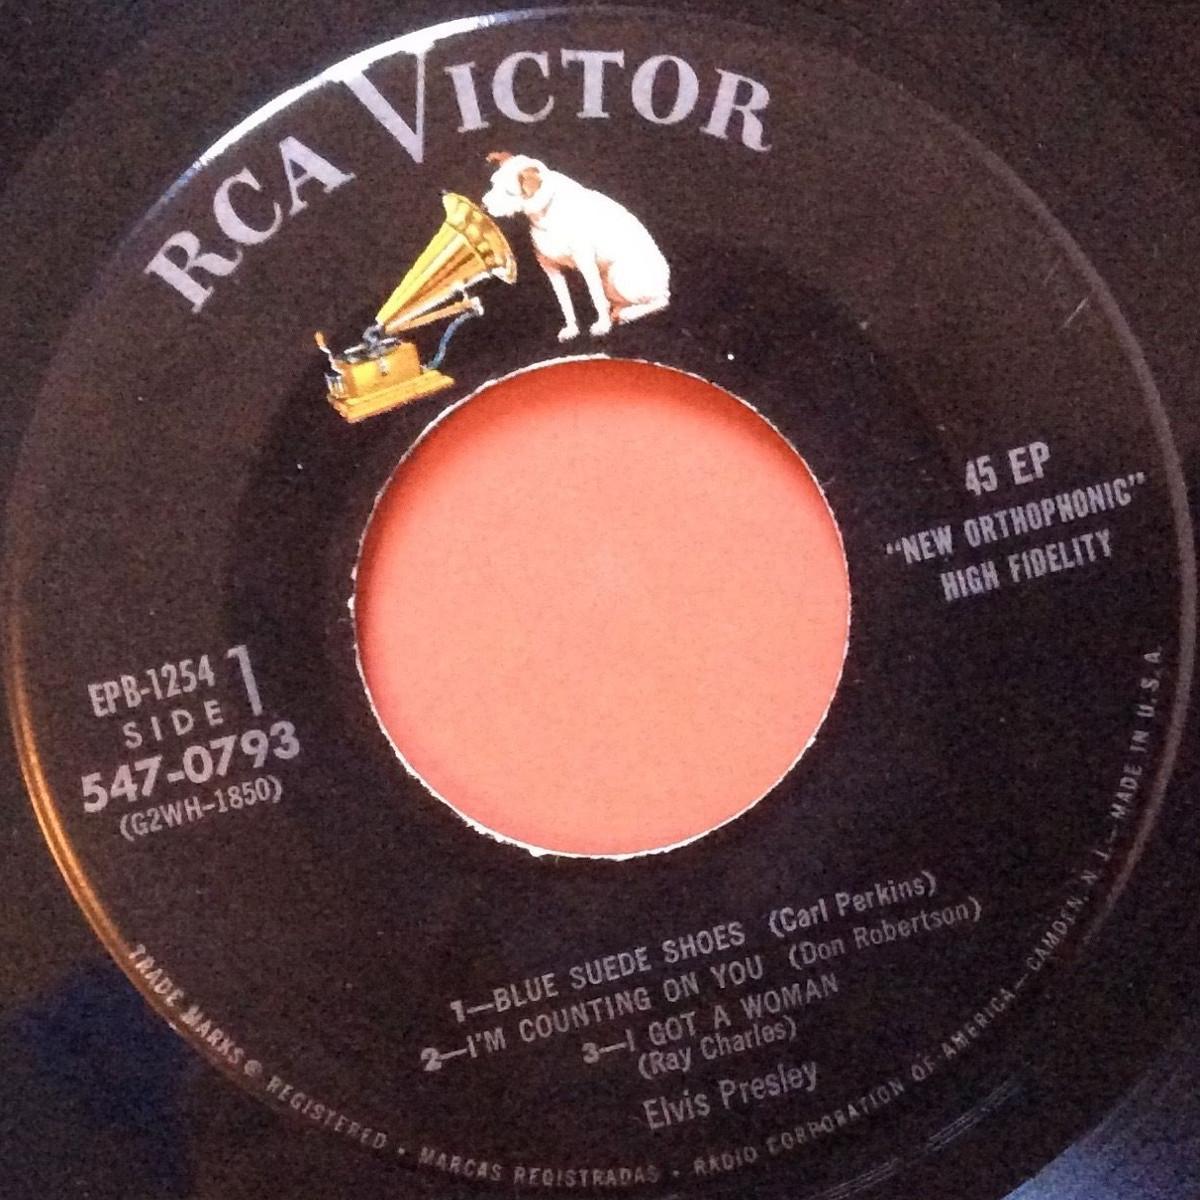 Presley - ELVIS PRESLEY Epb1254c88xny